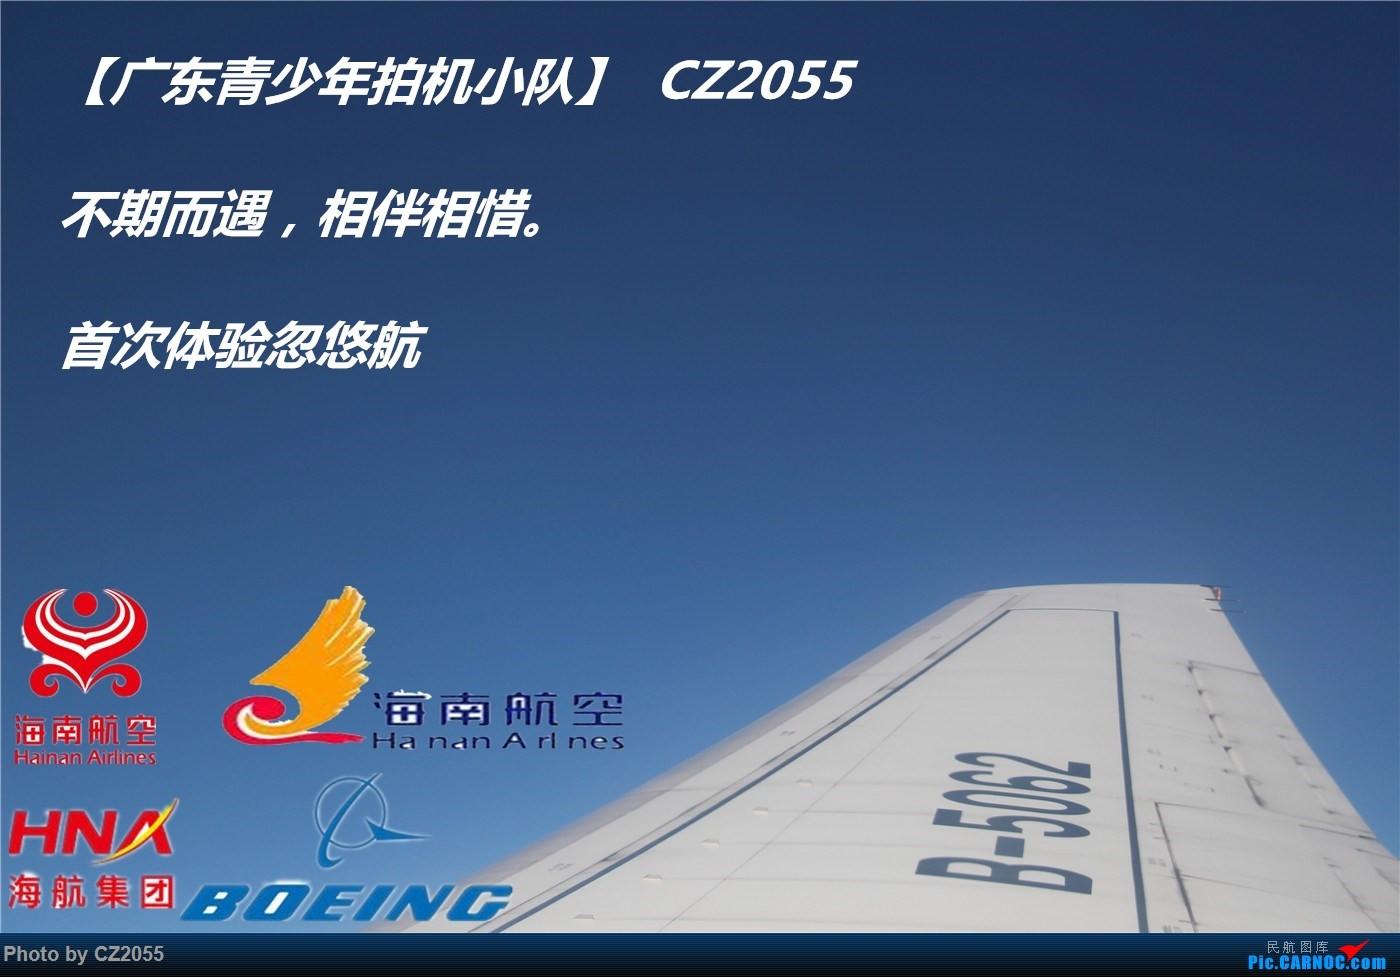 [原创]【广东青少年拍机小队】【C-Z-2055(1)】August.8.2015  不期而遇,相伴相惜。首次体验Skytrax五星航空公司---海南航空。